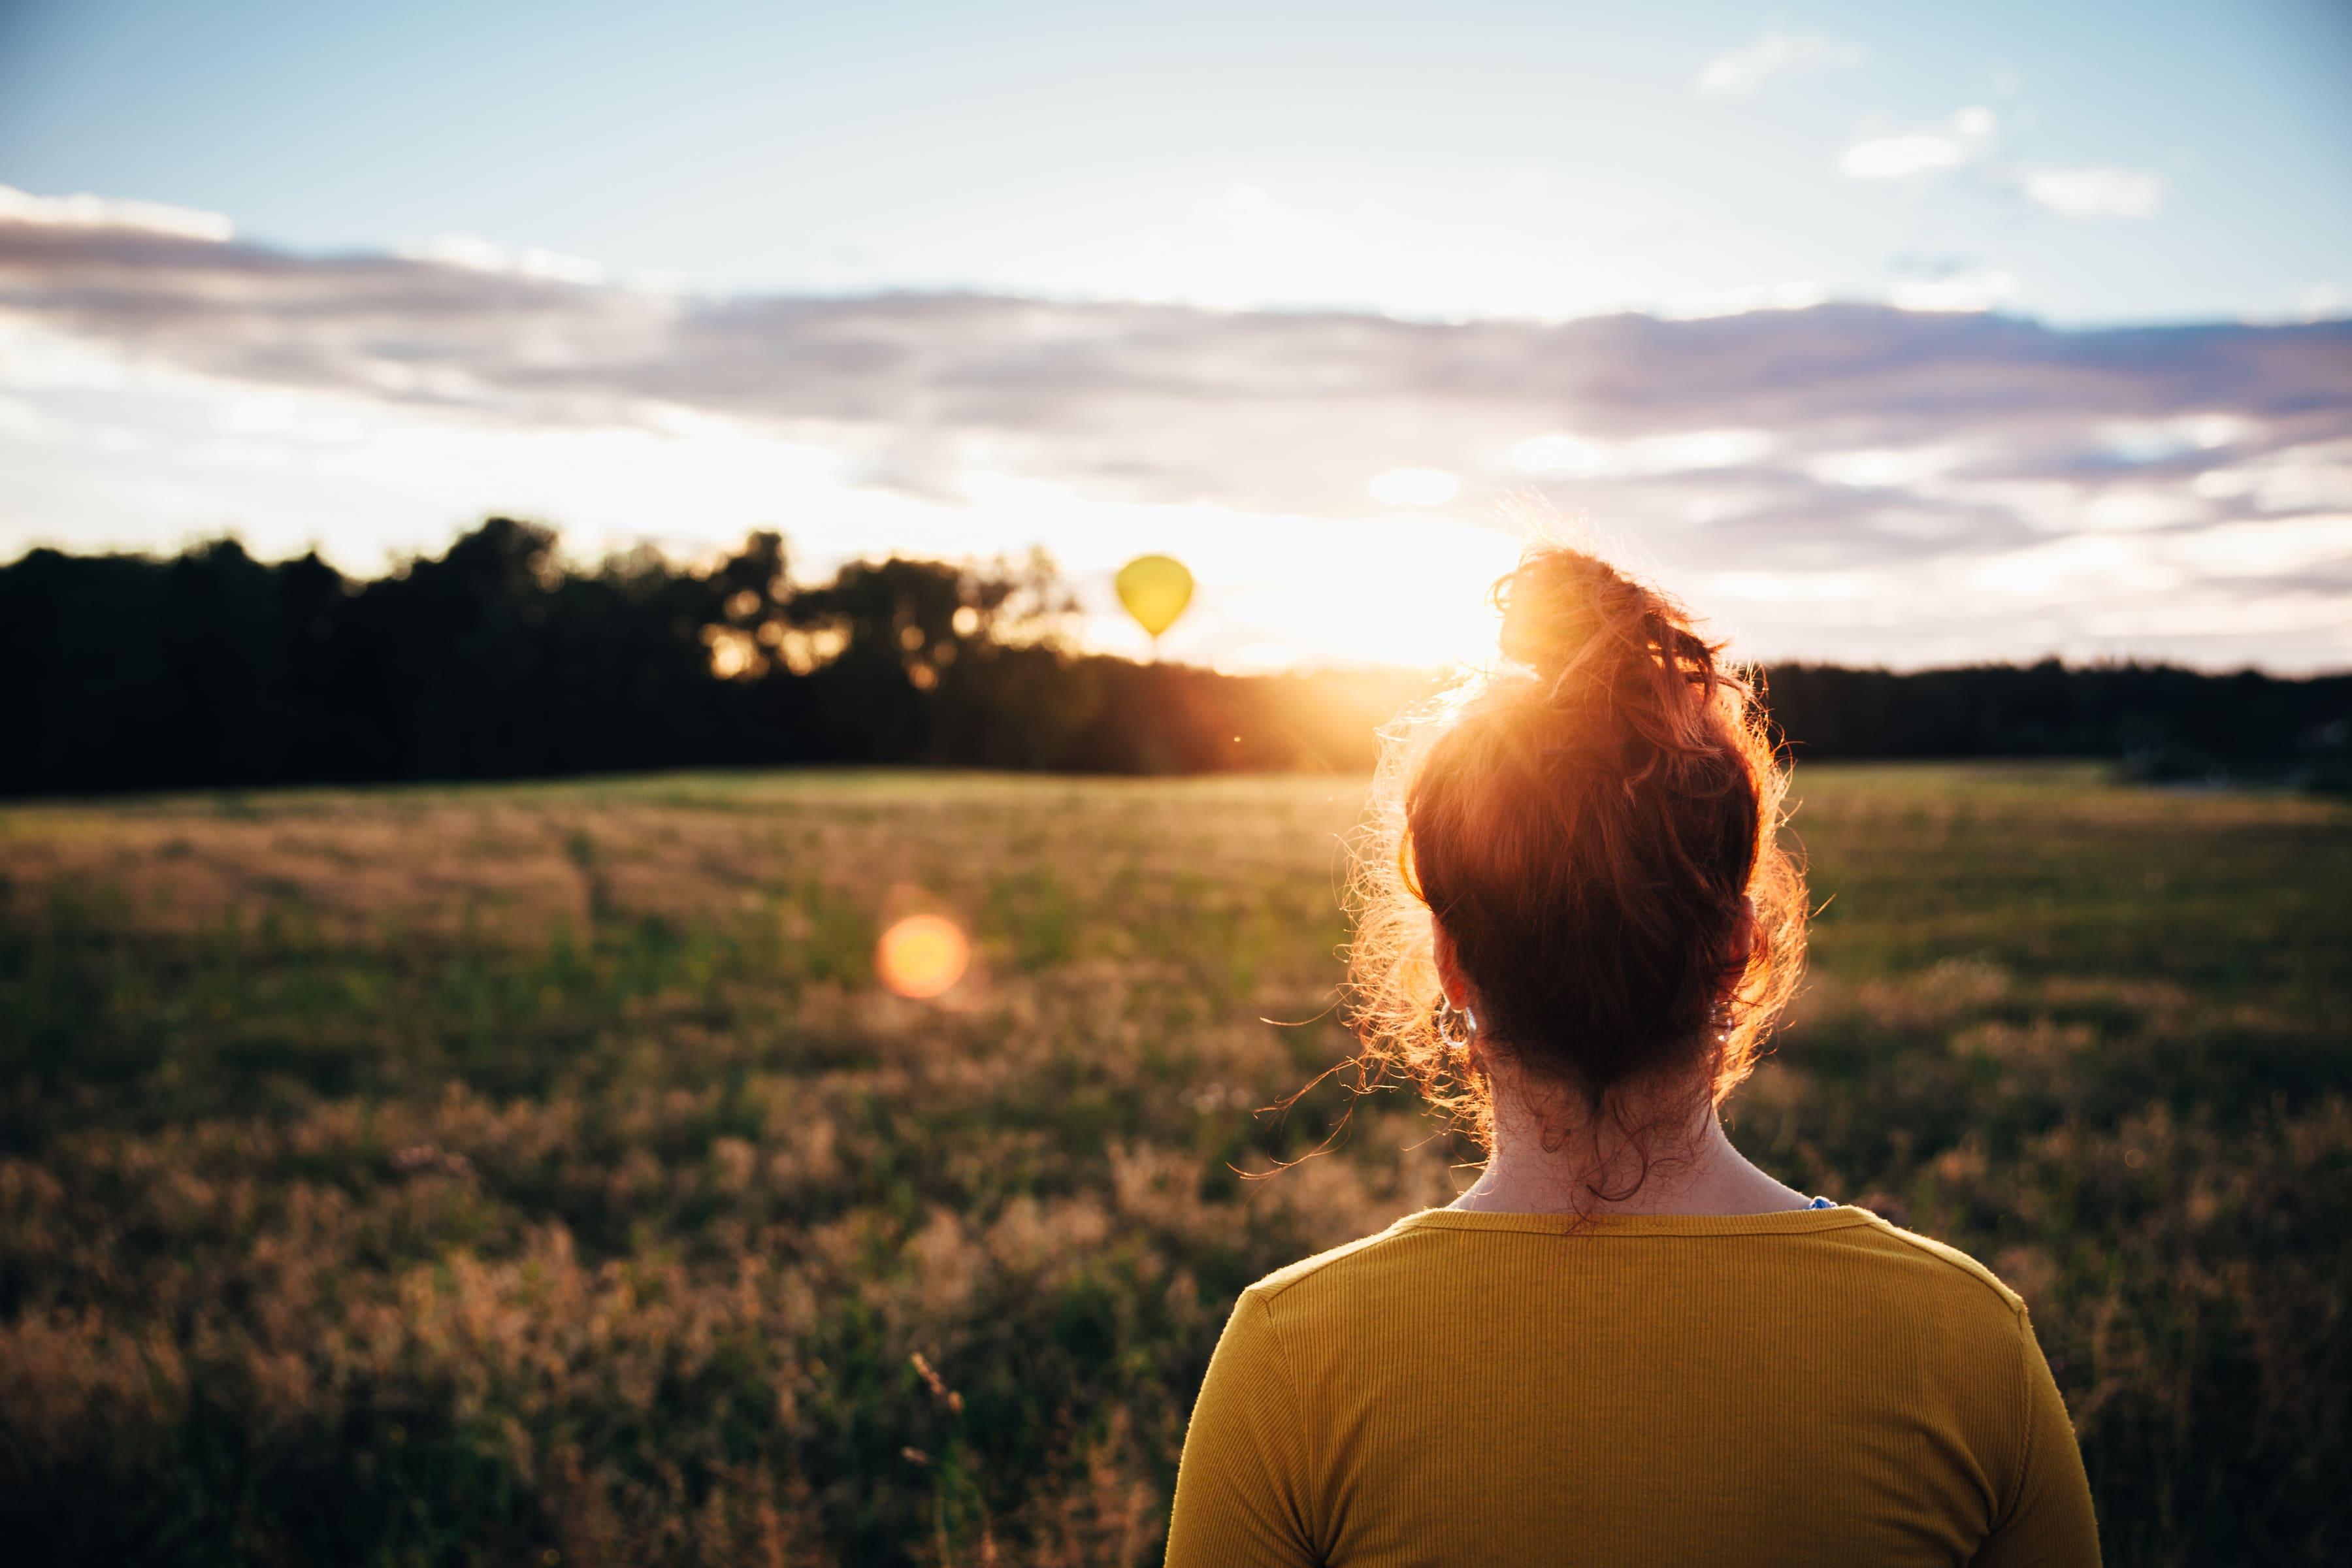 Rücken einer jungen Frau im Abendlicht